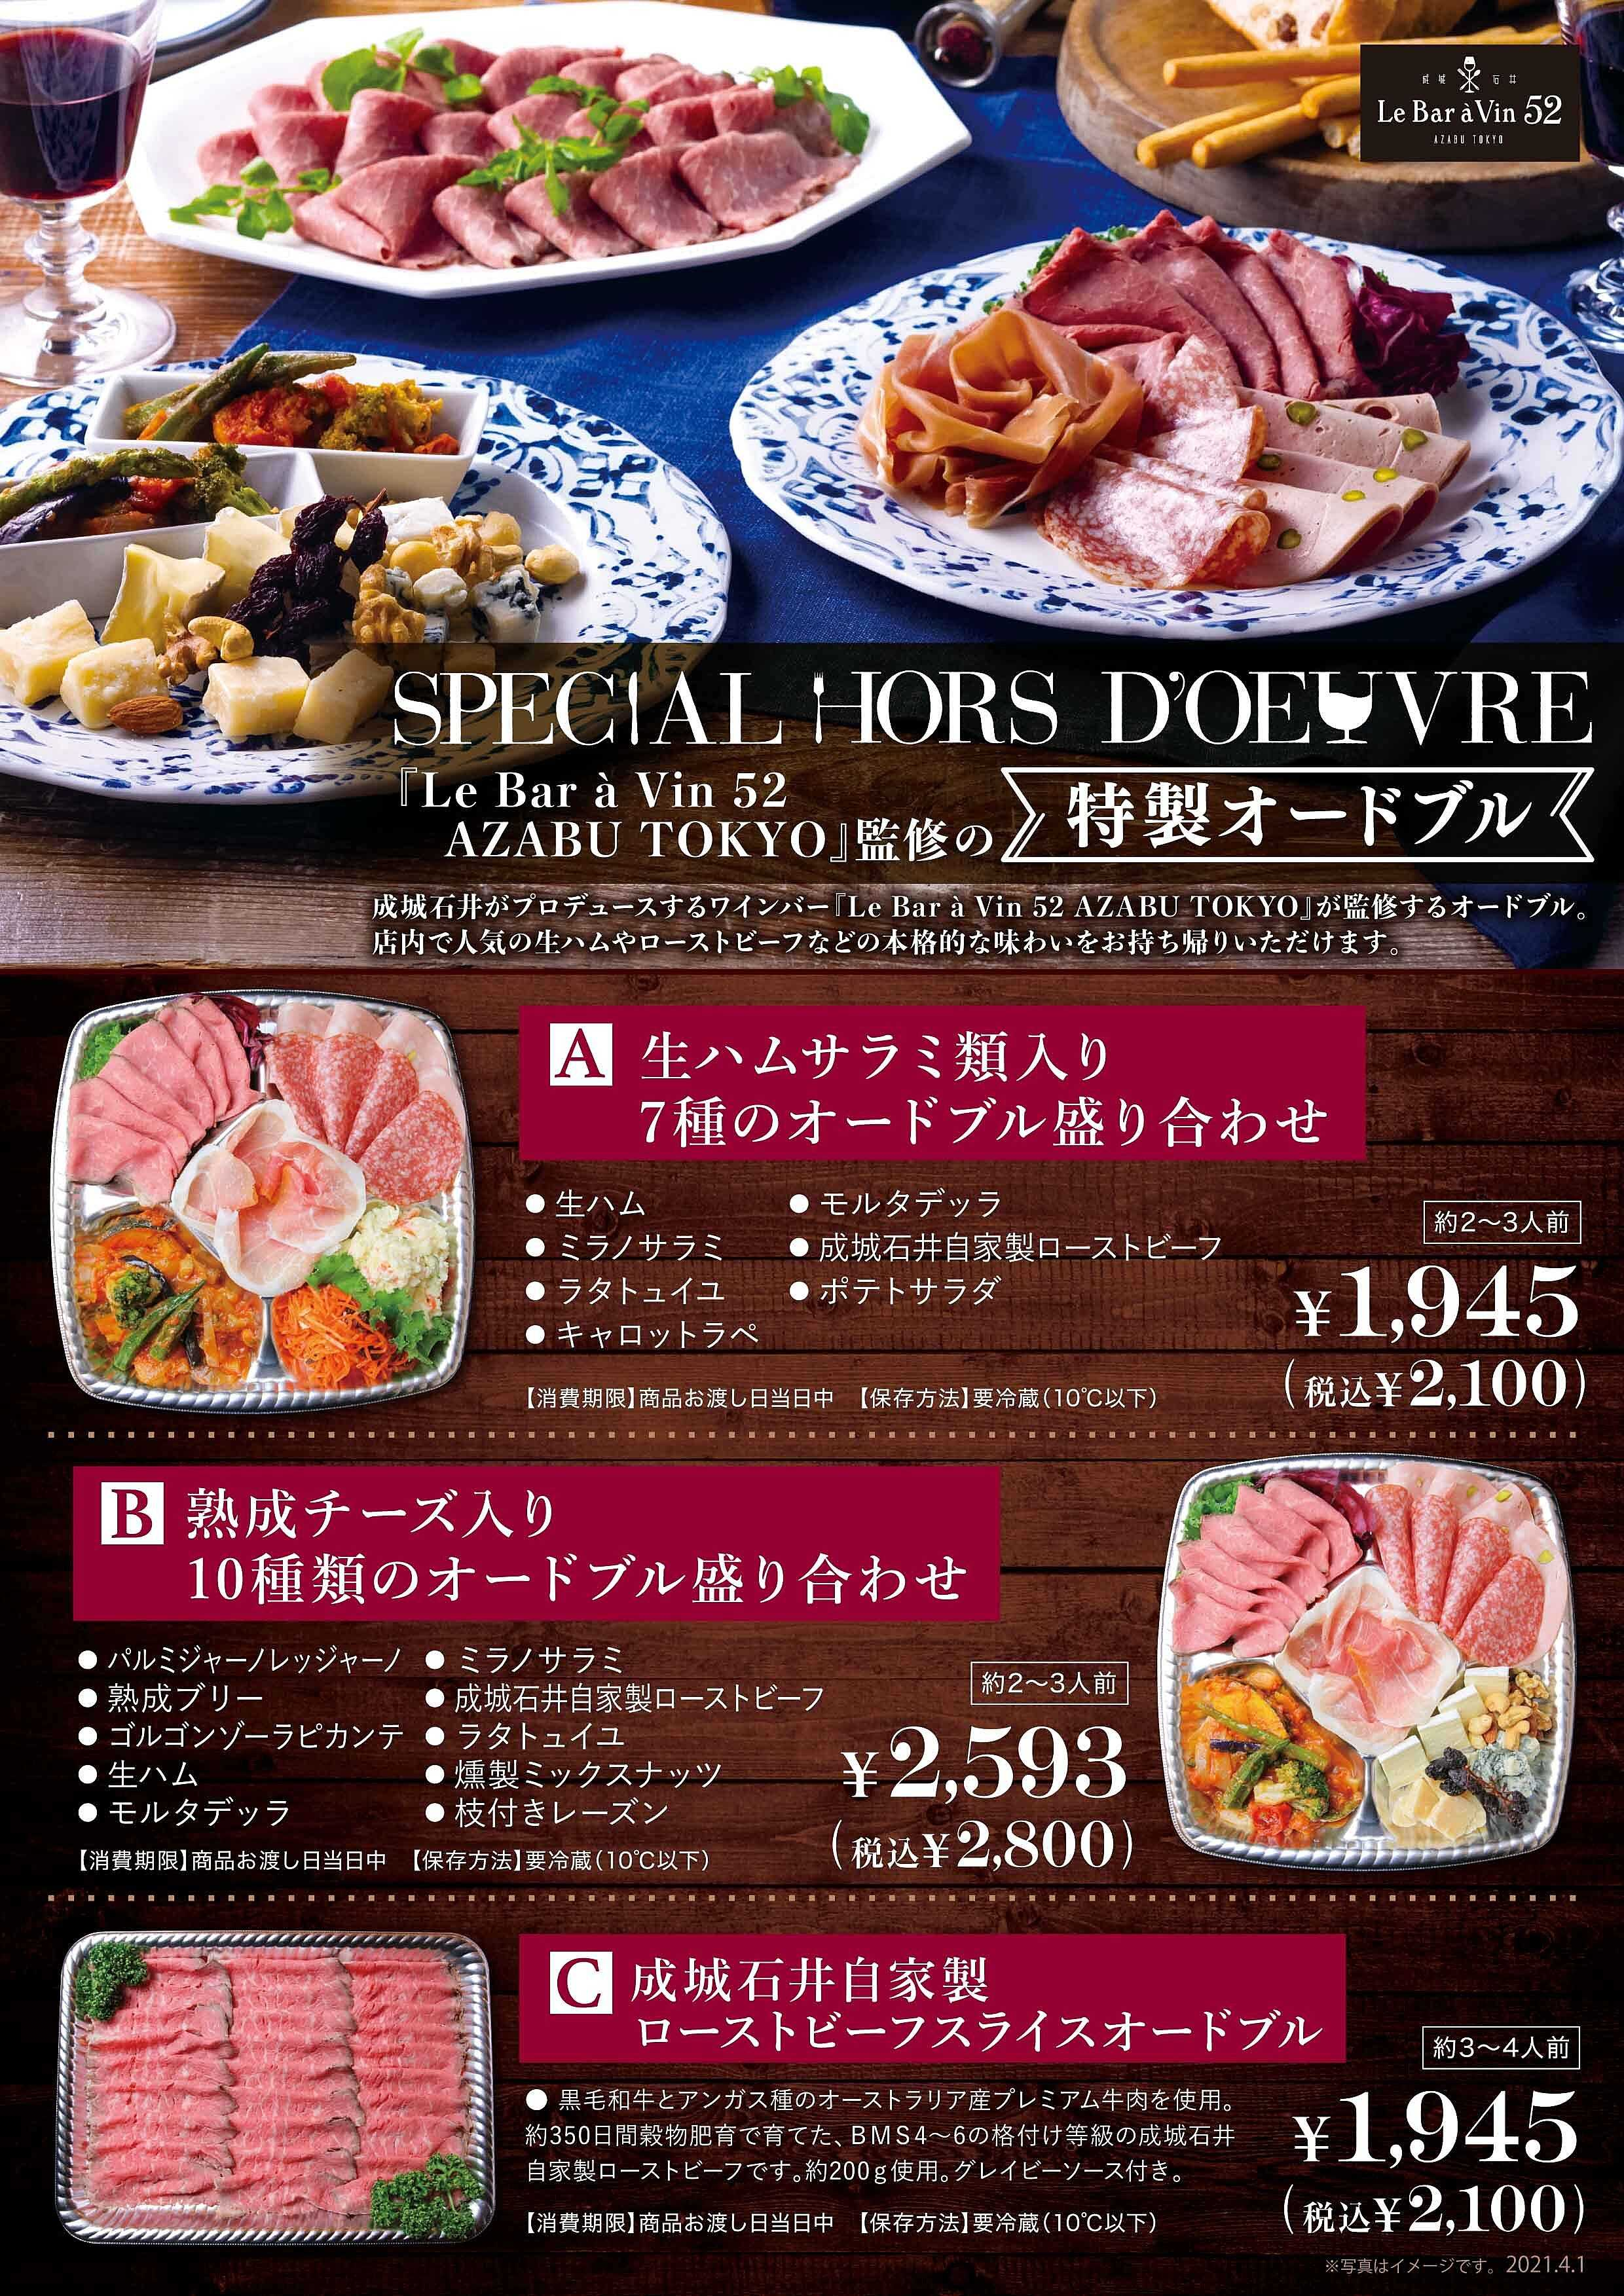 成城石井 【店舗限定】Le Bar à Vin 52 AZABU TOKYO 監修『特製オードブル』リニューアル!ご予約承ります!